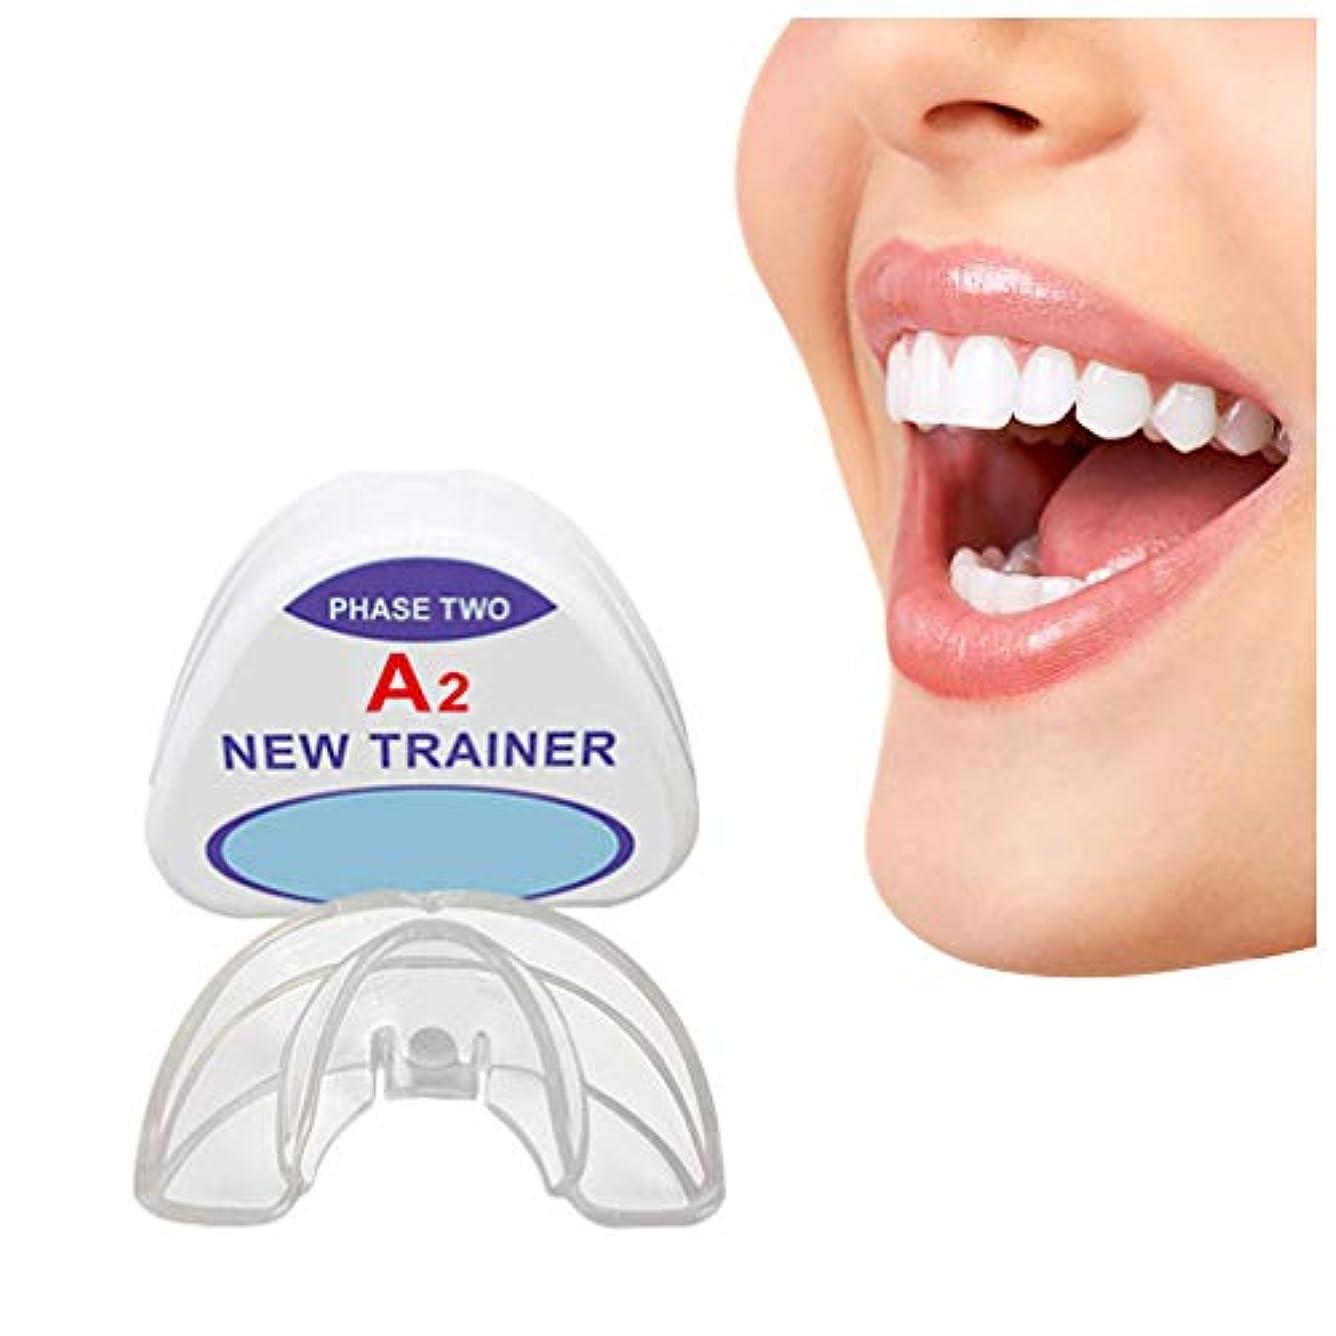 加入批評指令歯アライメントトレーナーリテーナー、歯科矯正トレーナー、ナイトマウスガードスリムグラインドプロテクター、大人のためのトレーナー歯アライメントブレース,A2